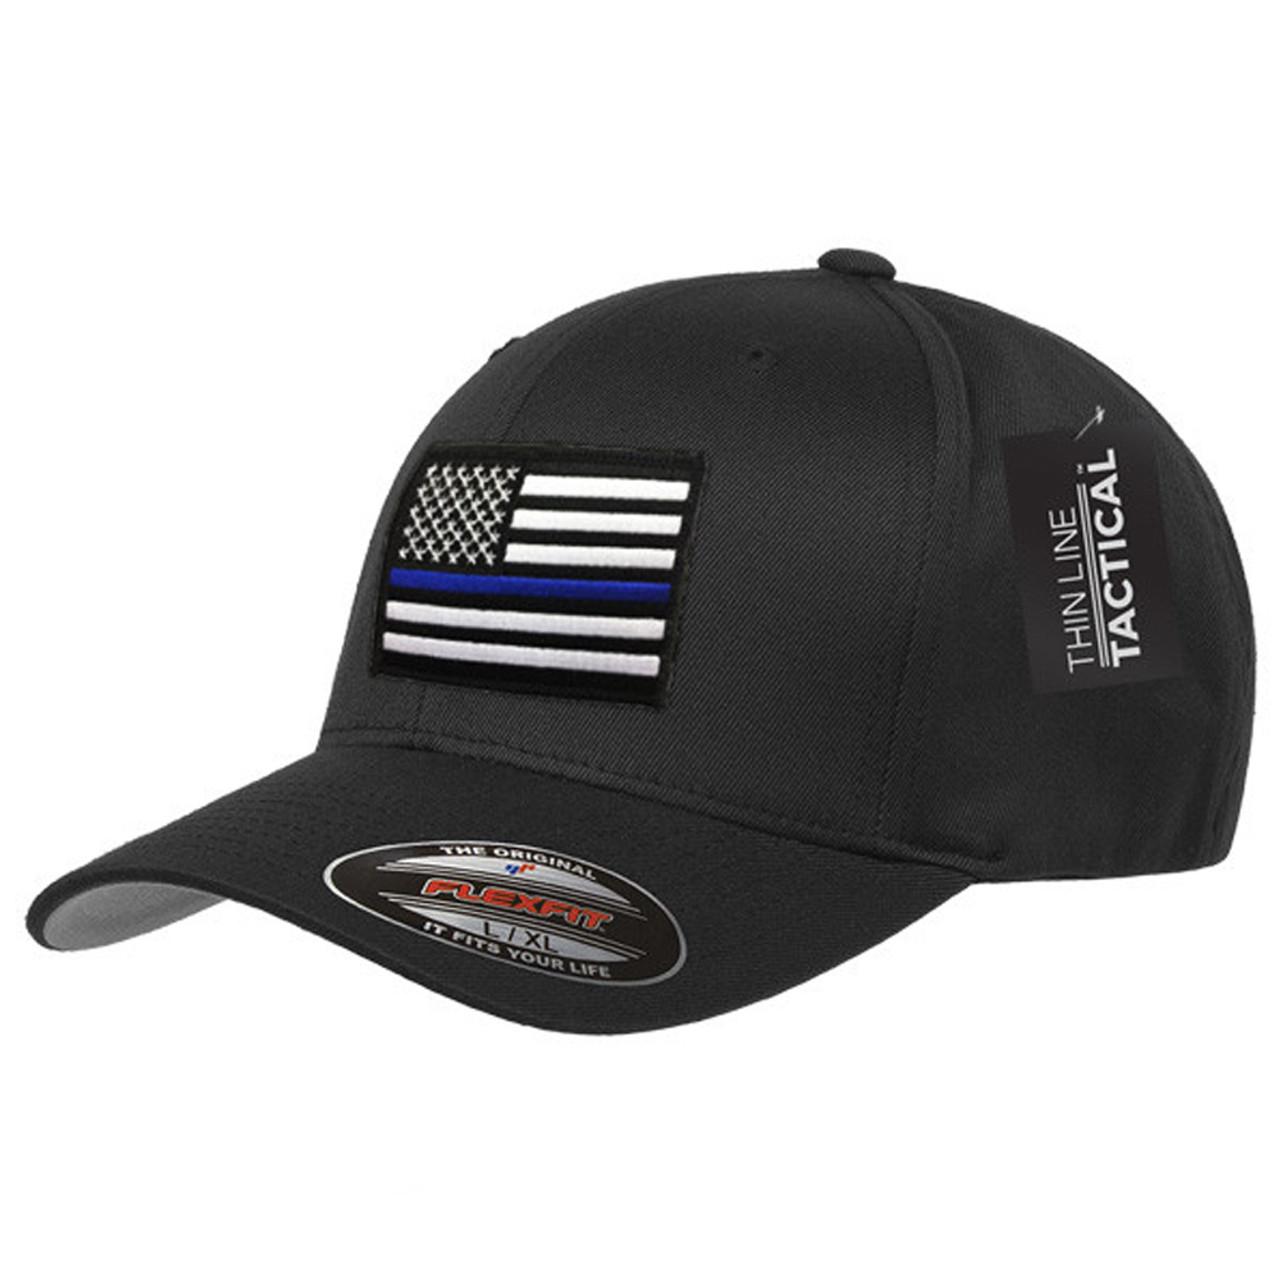 Thin Blue Line Blue Patch FlexFit Hat - Atlantic Tactical Inc 928a60a324c8